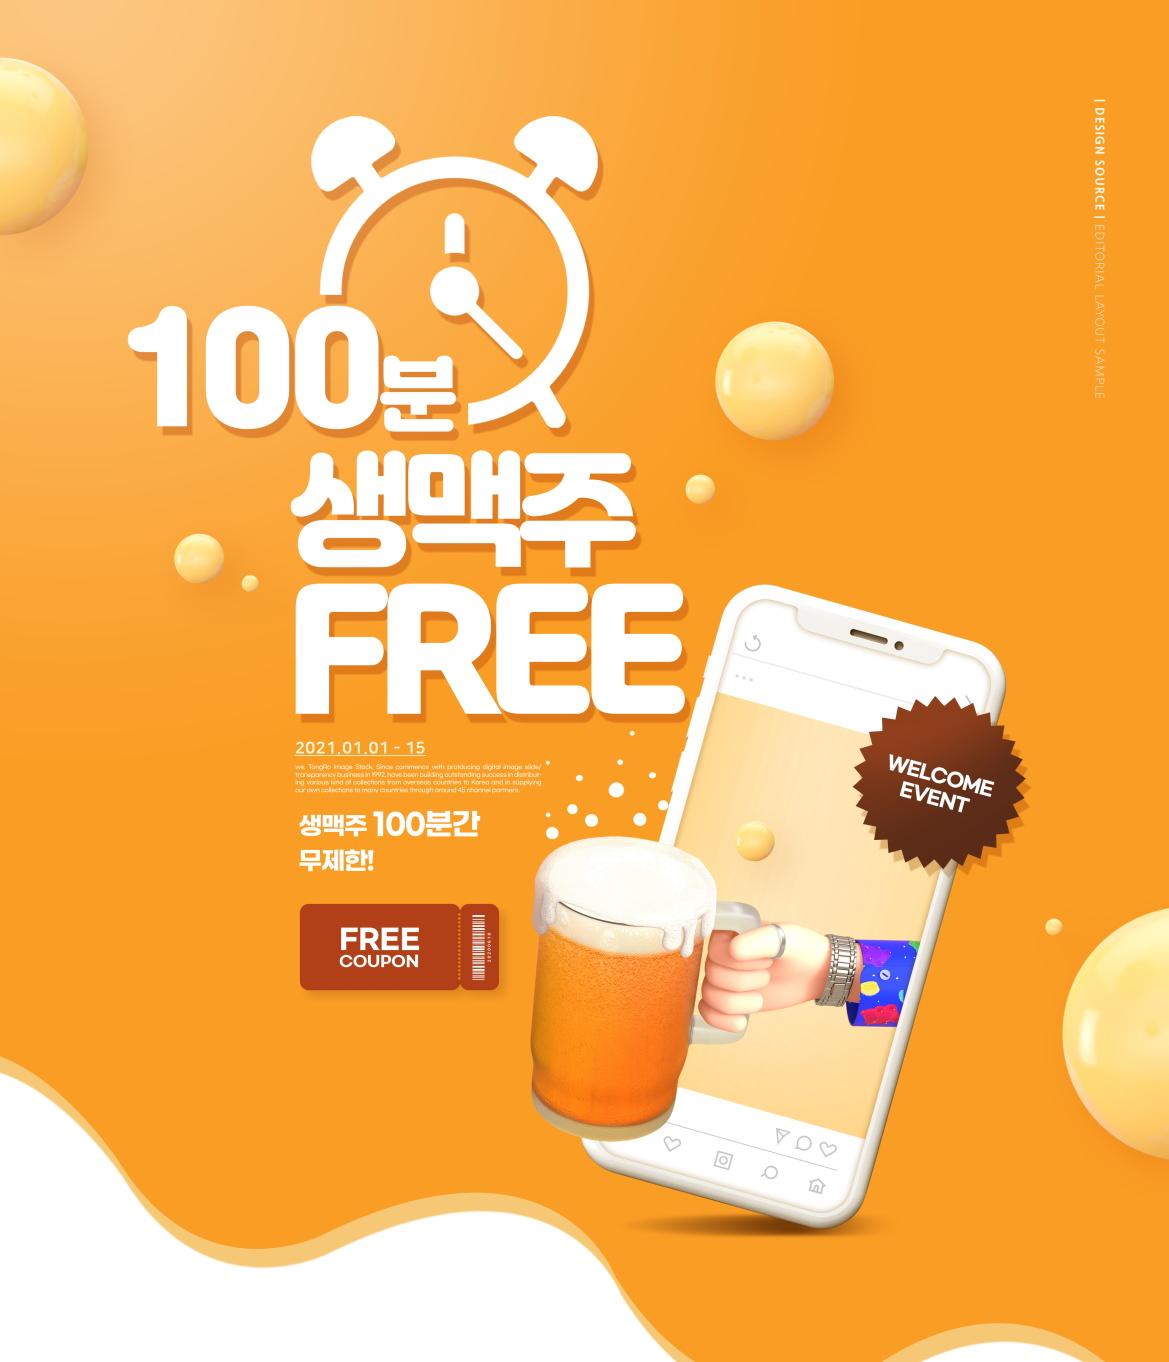 [单独购买] 16款时尚外卖金融手机购物促销海报设计PSD模板素材 Mobile Shopping Promotion Poster插图4